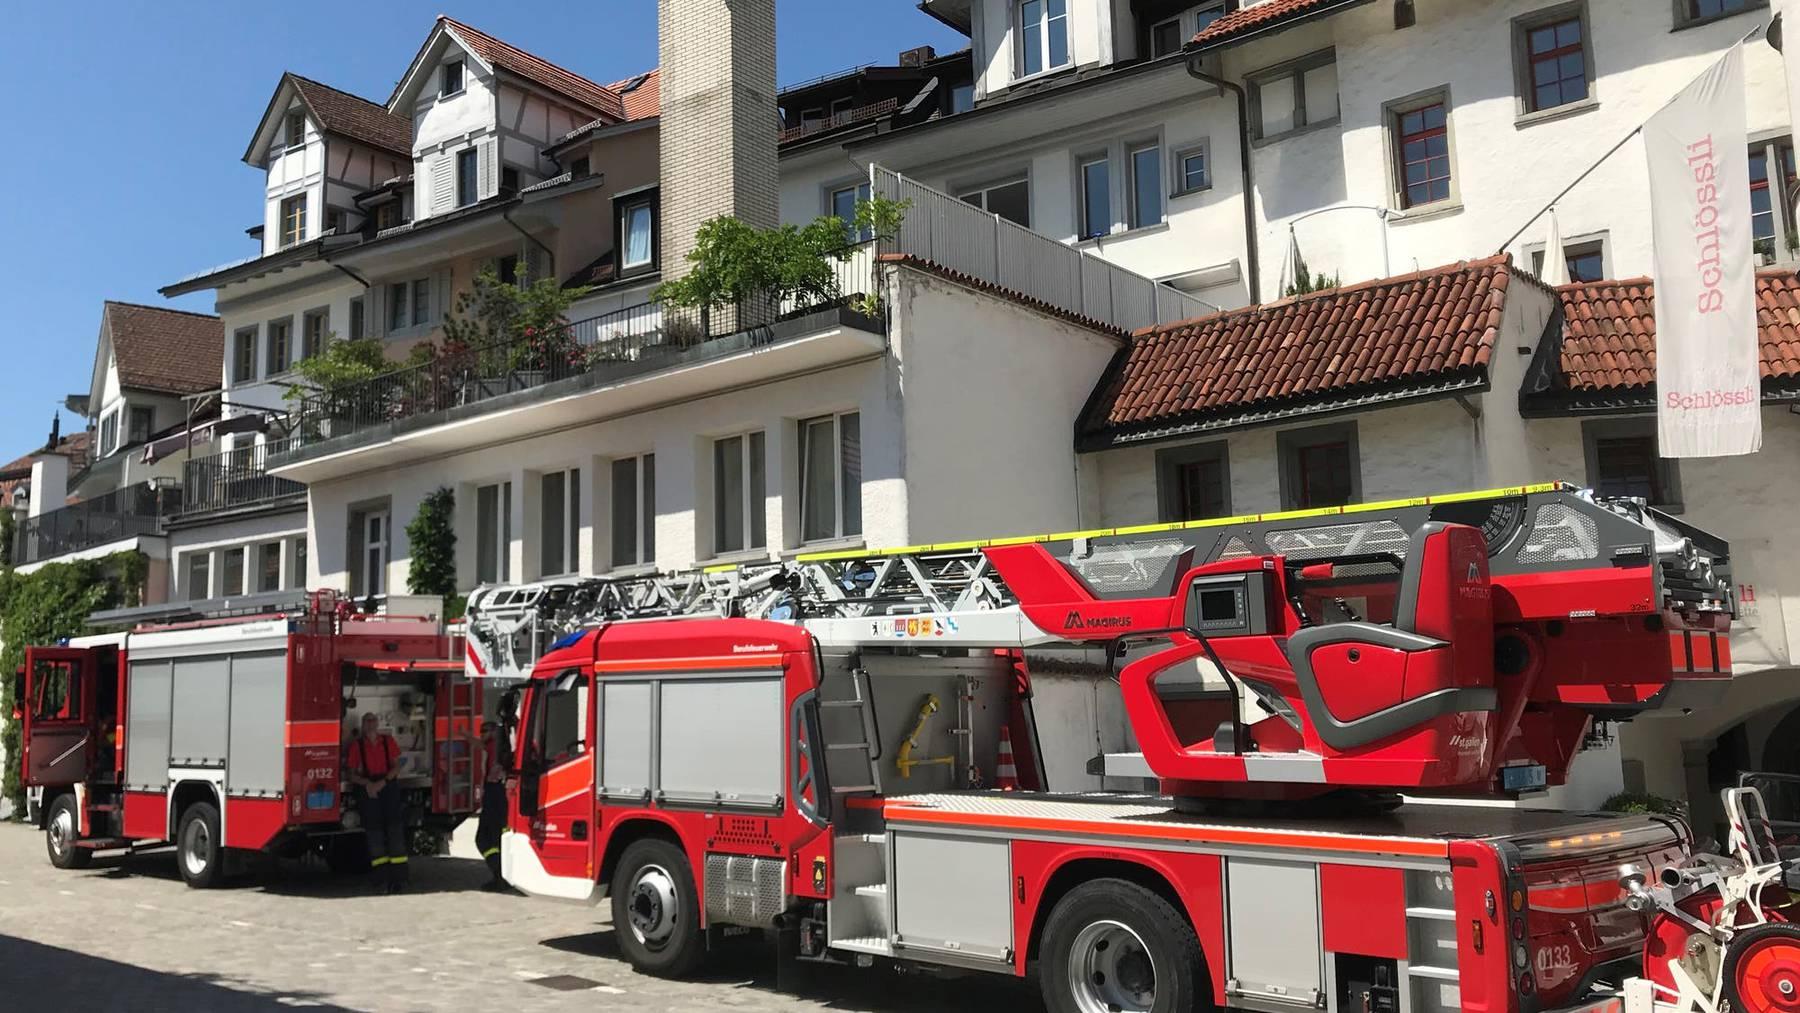 Die St.Galler Feuerwehr rückte wegen eines Fehlalarms in der St.Galler Pfalz aus.